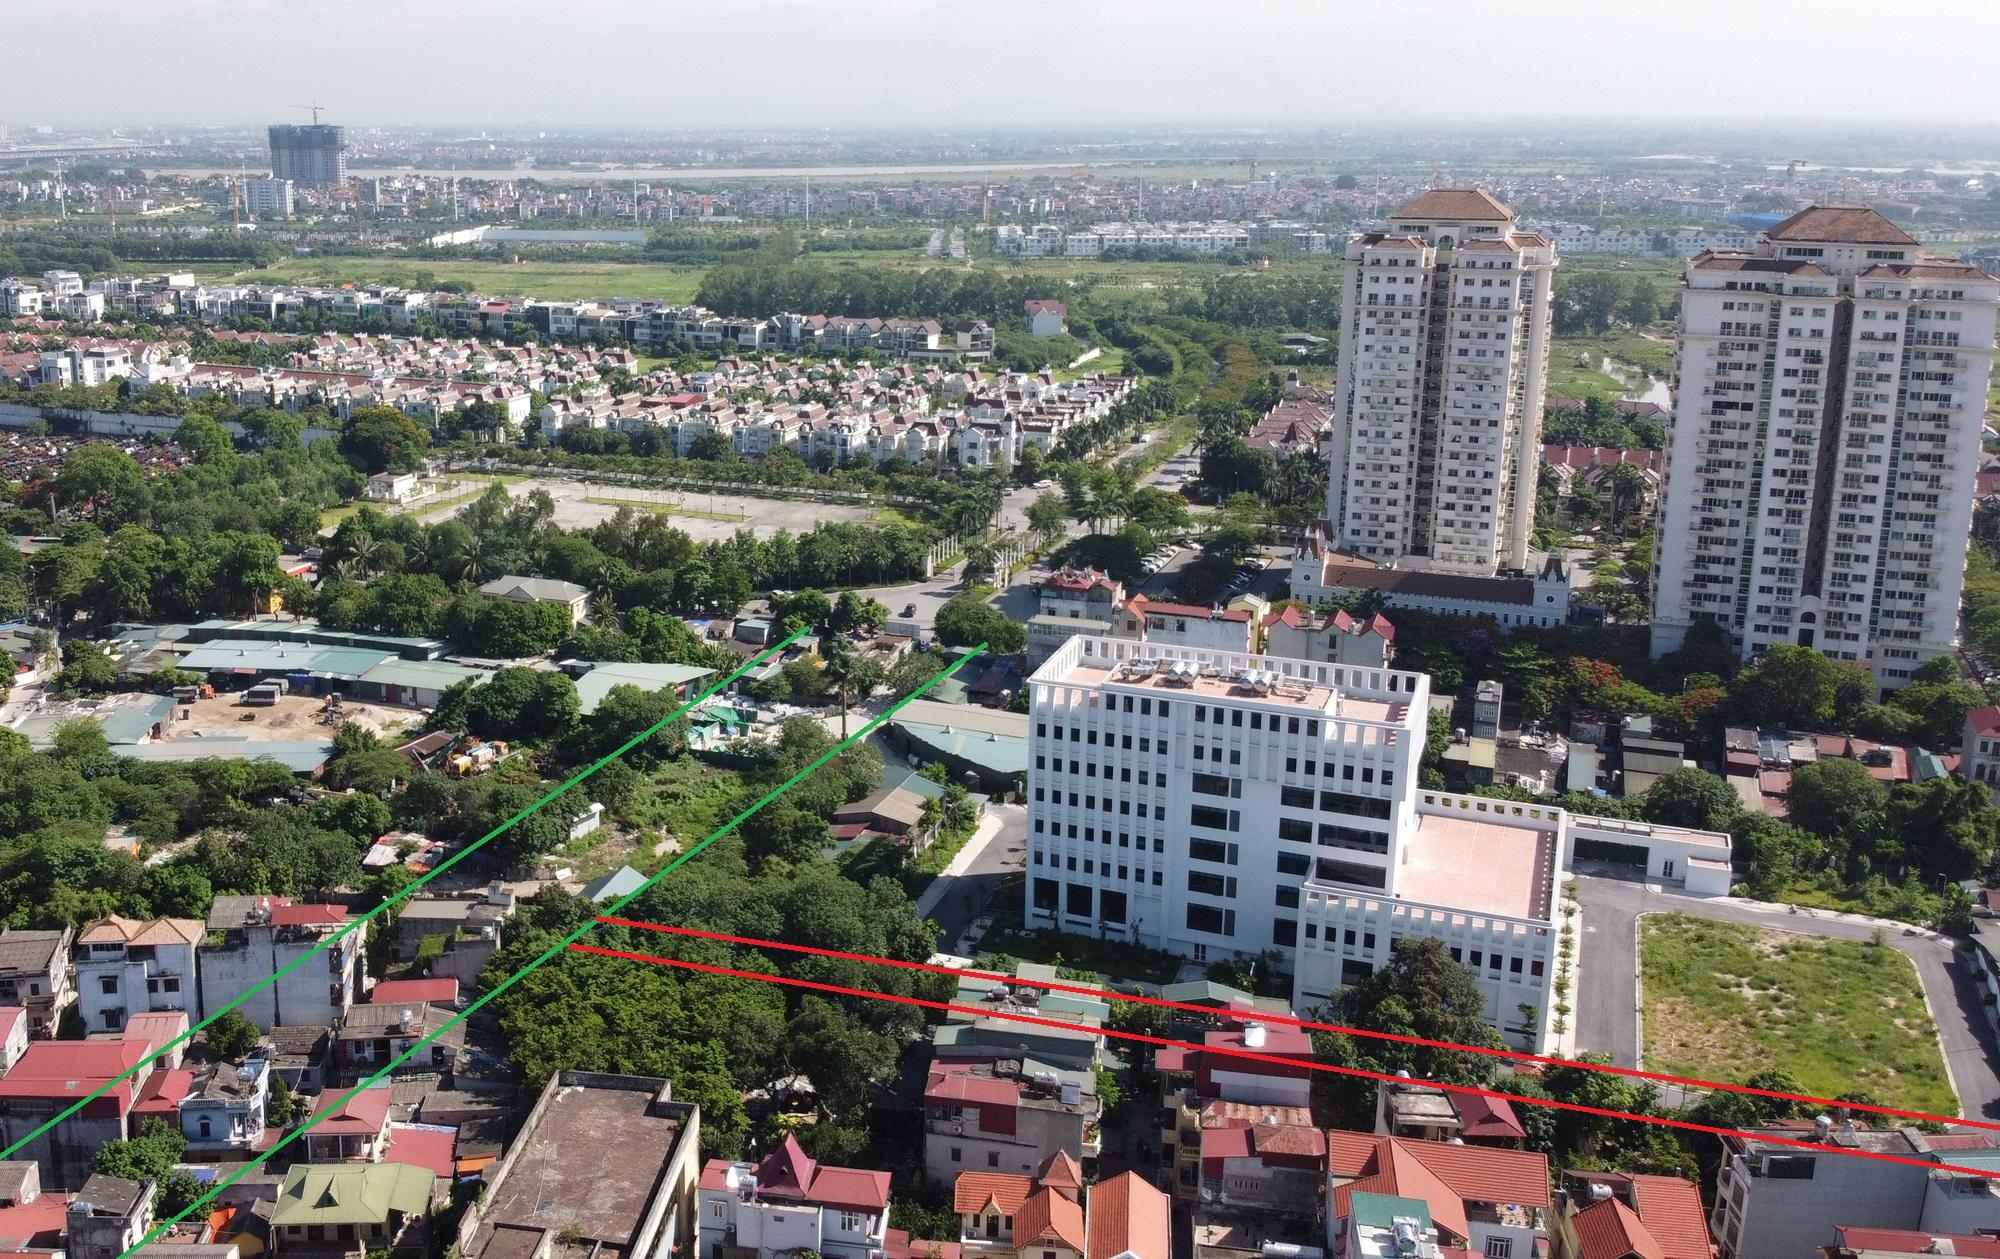 3 đường sẽ mở theo qui hoạch ở phường Xuân Tảo, Bắc Từ Liêm, Hà Nội - Ảnh 11.